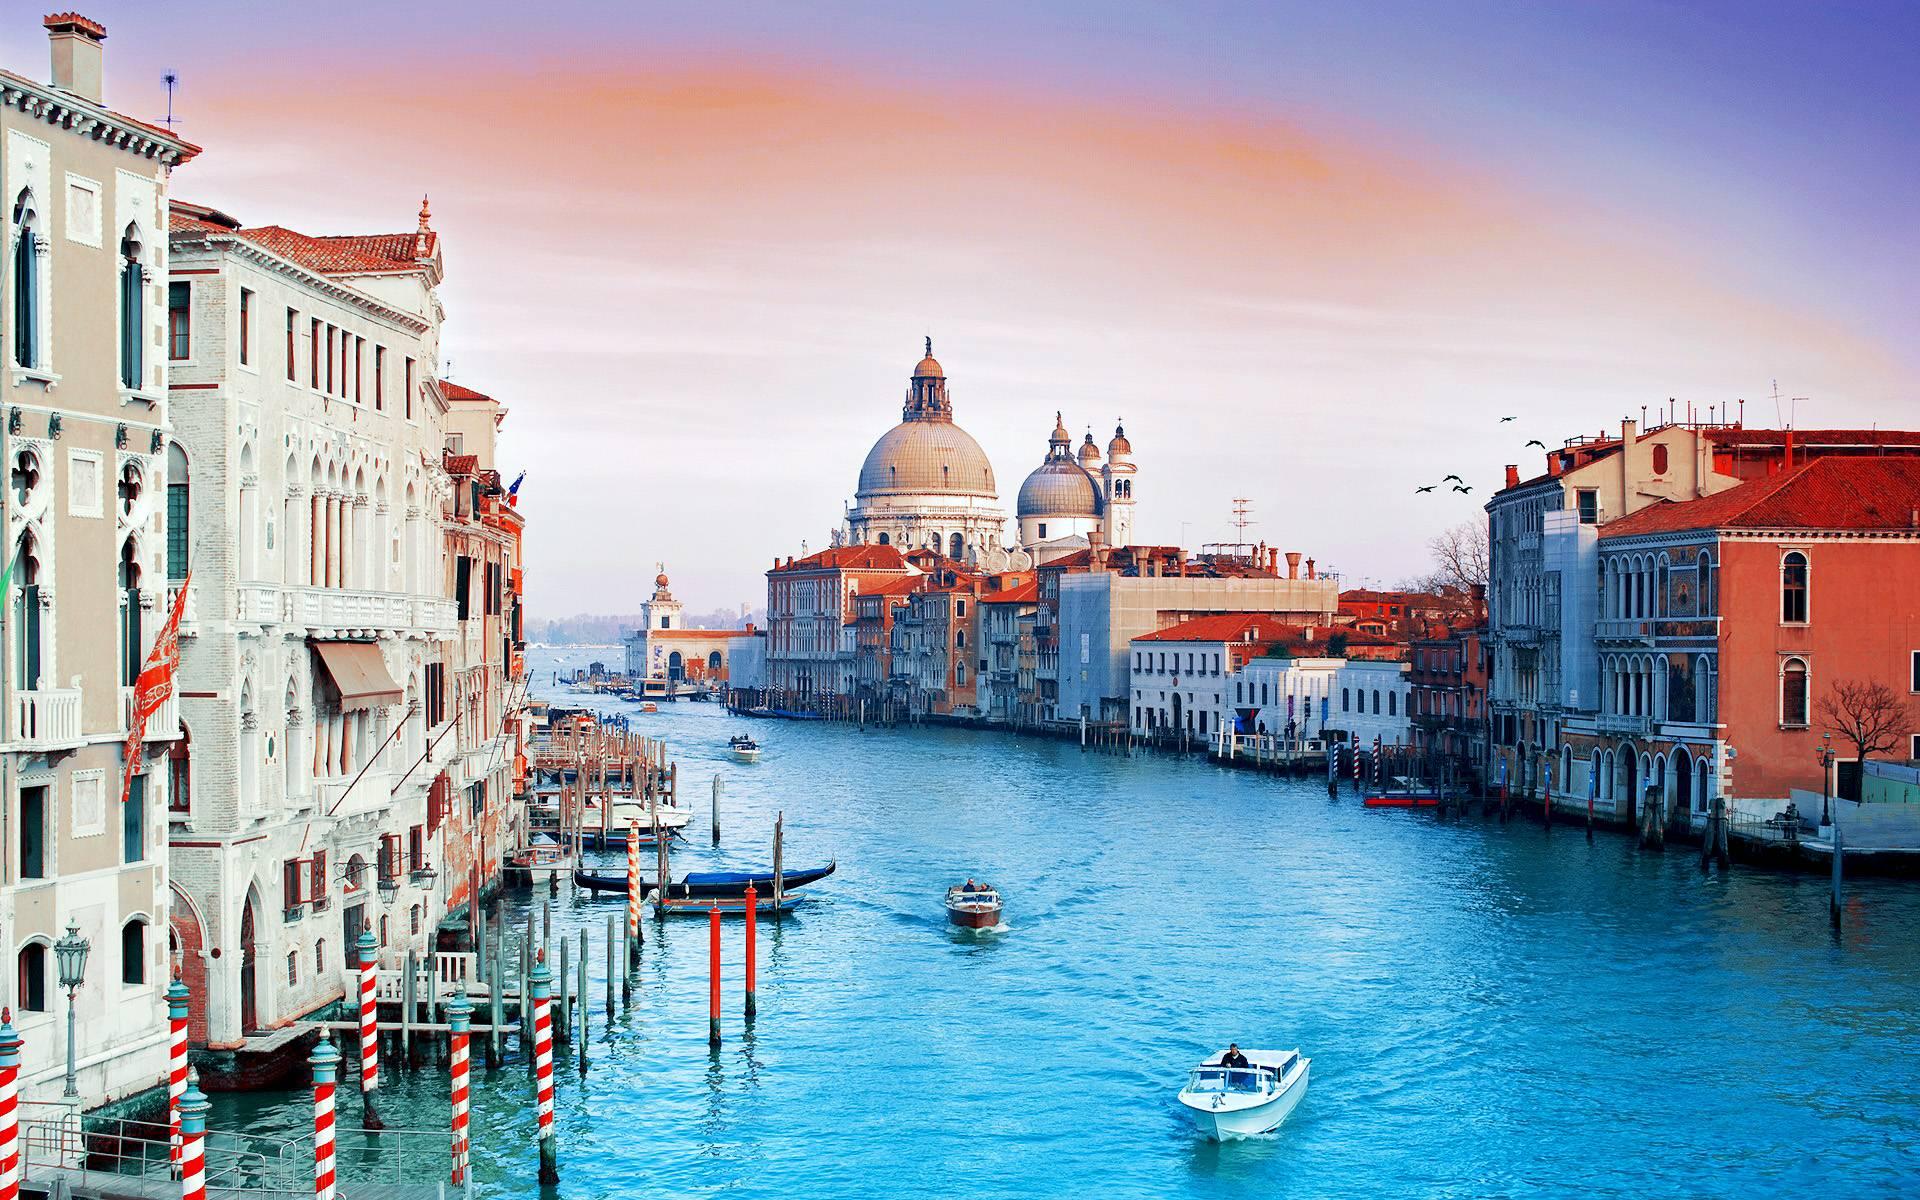 بالصور صور جميلة حول العالم , افضل صوره في الدنيا 3801 4